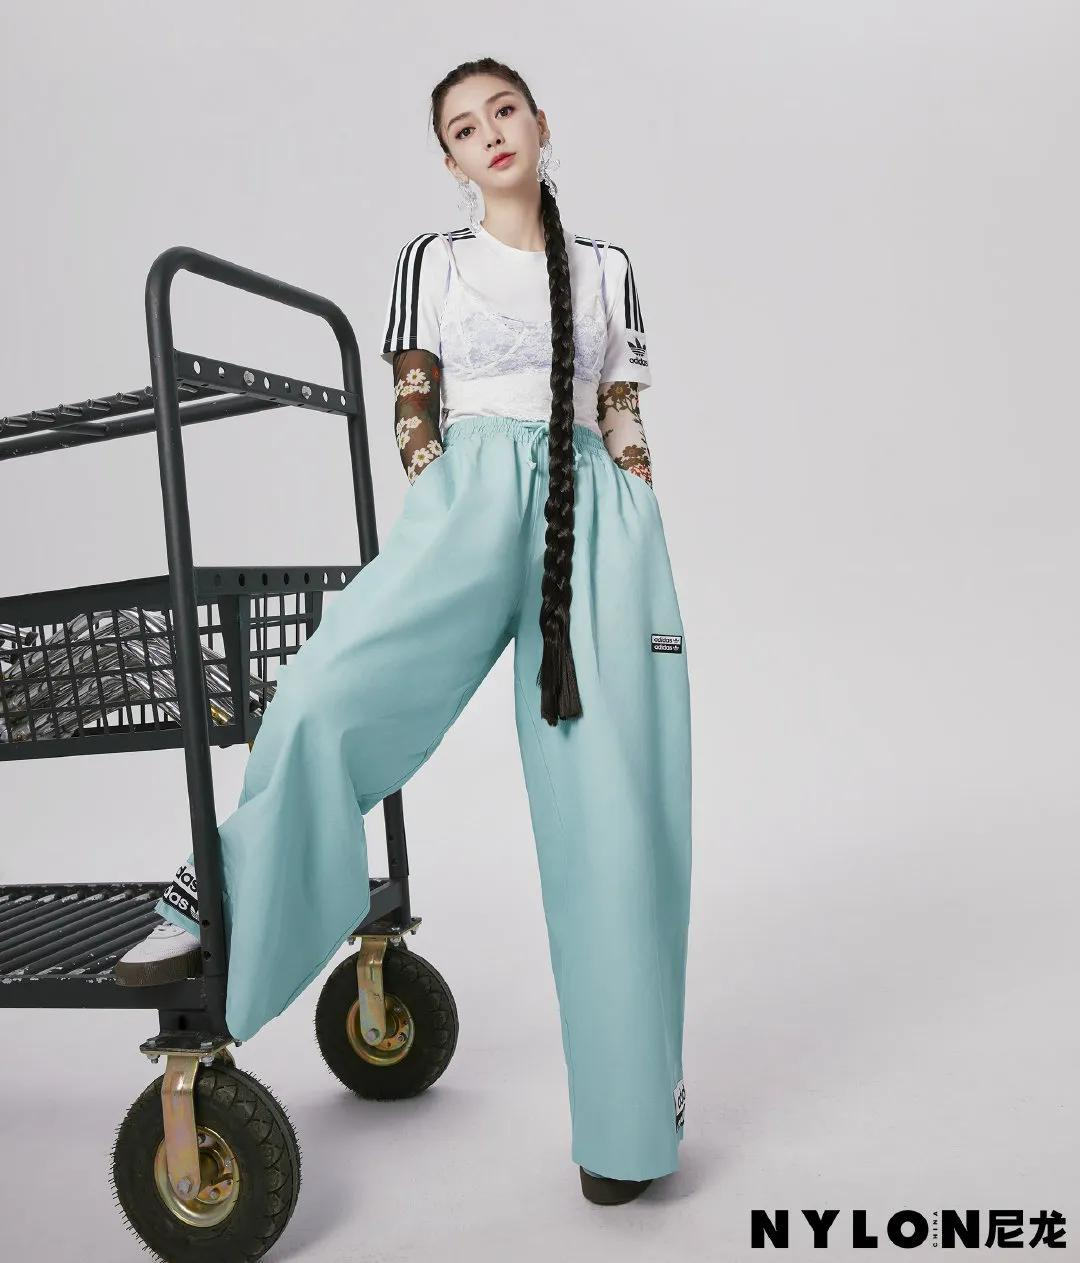 原创             Angelababy太少女了吧!新杂志解锁最潮春日穿搭,30岁比18岁都嫩